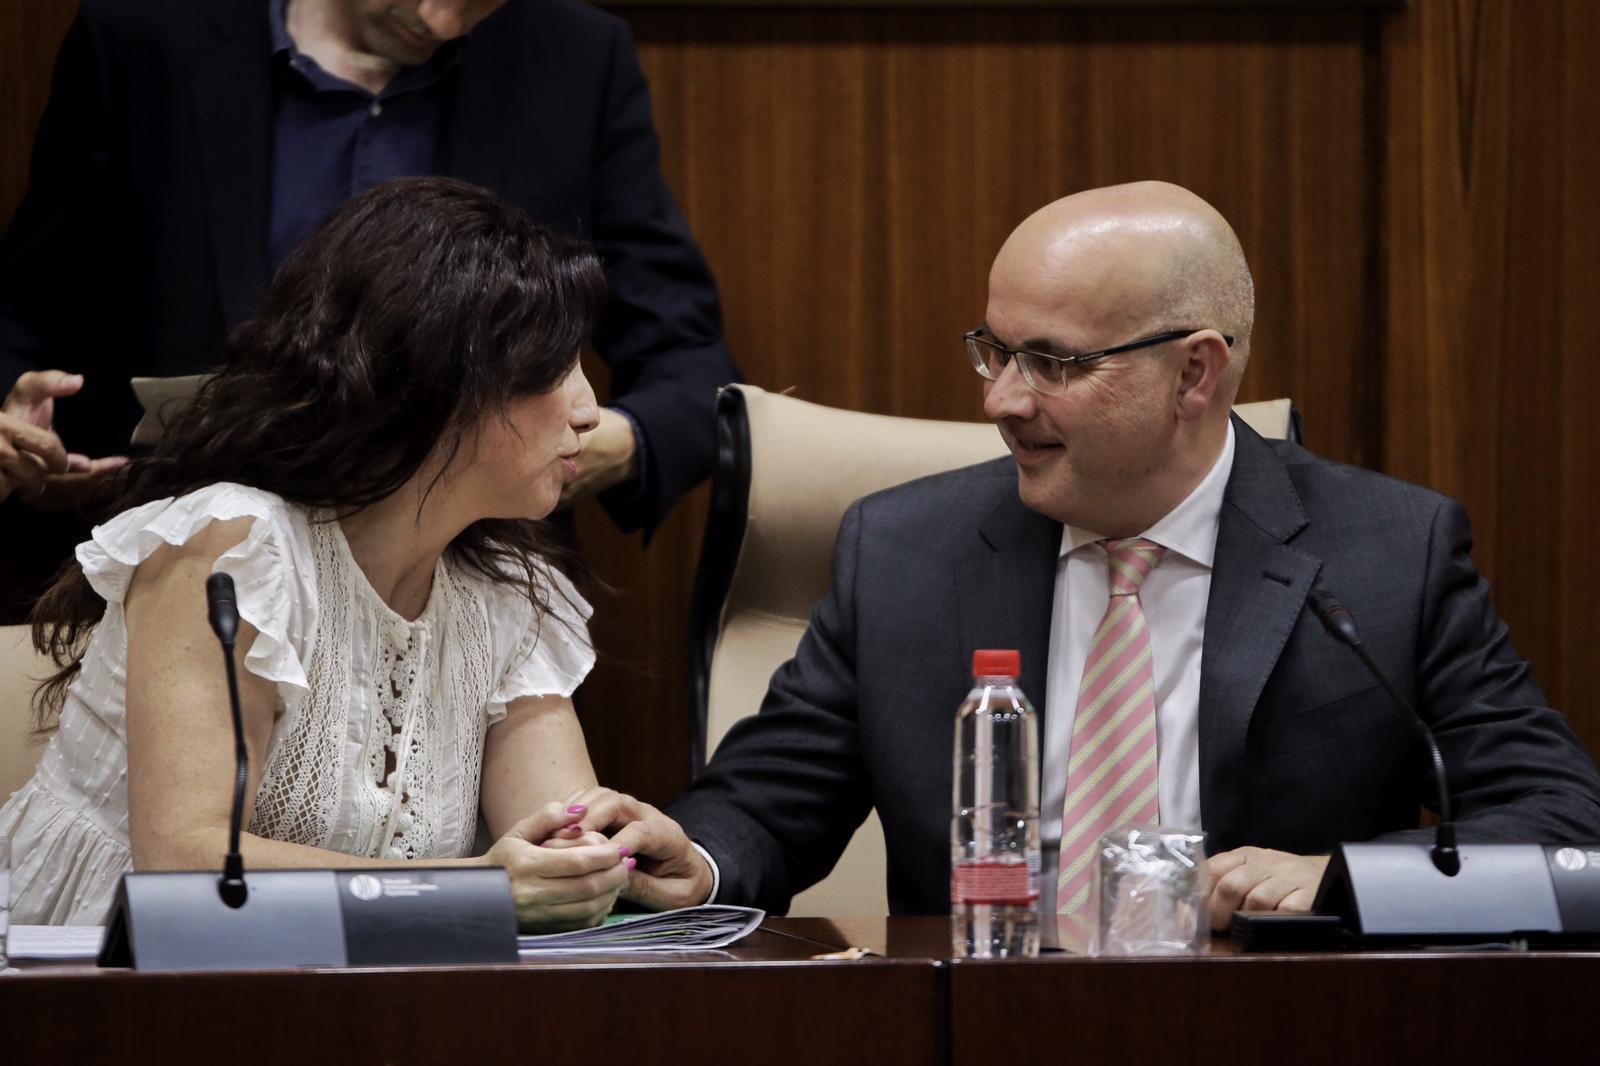 El granadino Raúl Fernández, designado presidente de la comisión de Igualdad, Políticas Sociales y Conciliación del Parlamento de Andalucía